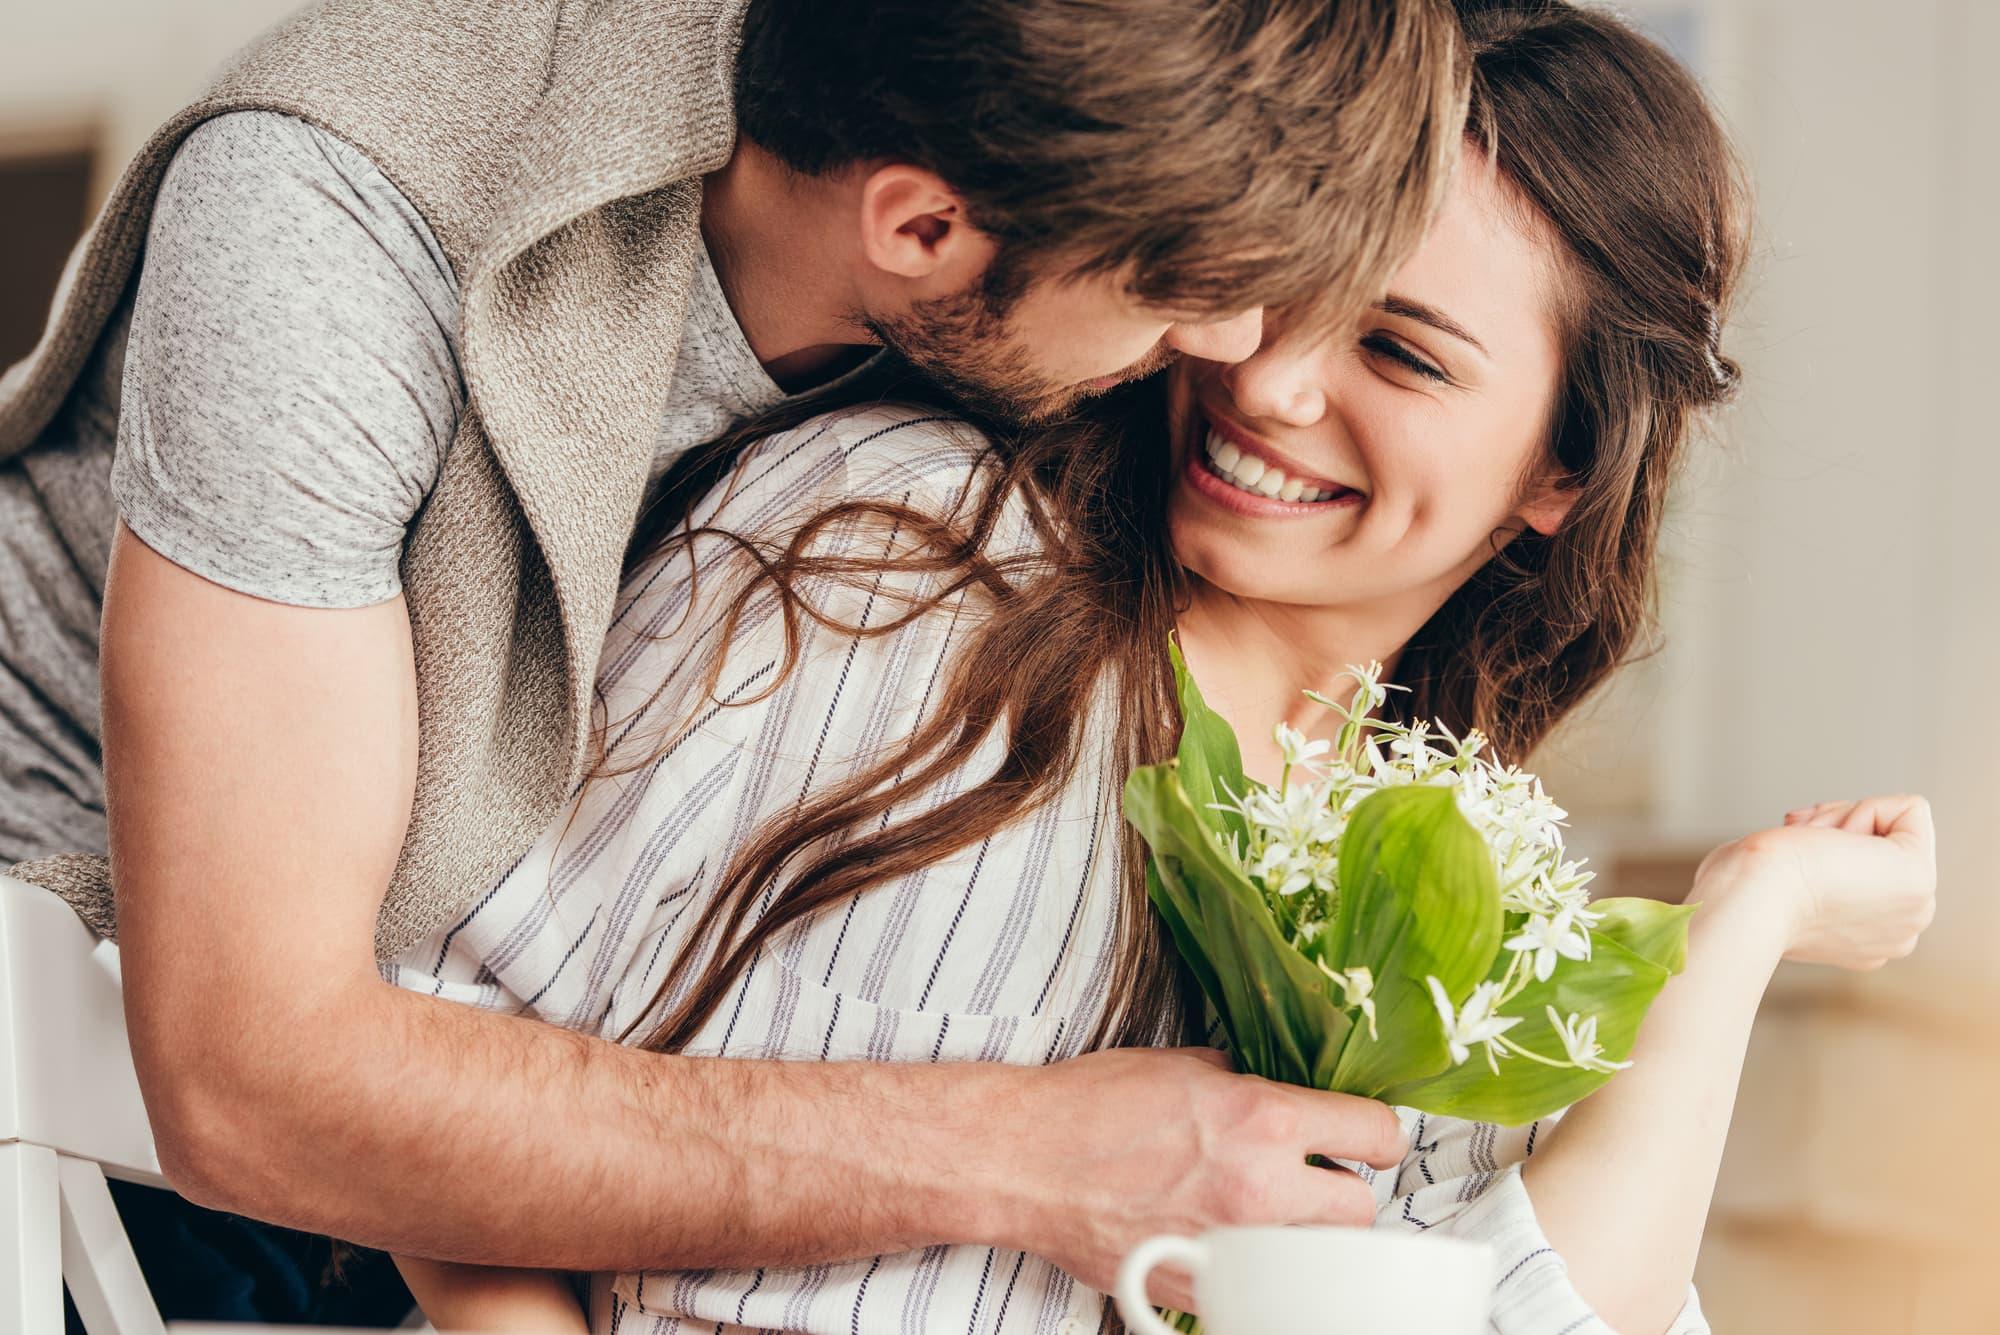 Как правильно заботиться о мужчине. женская забота о мужчине! в домашних условиях | для девушек и мужчин